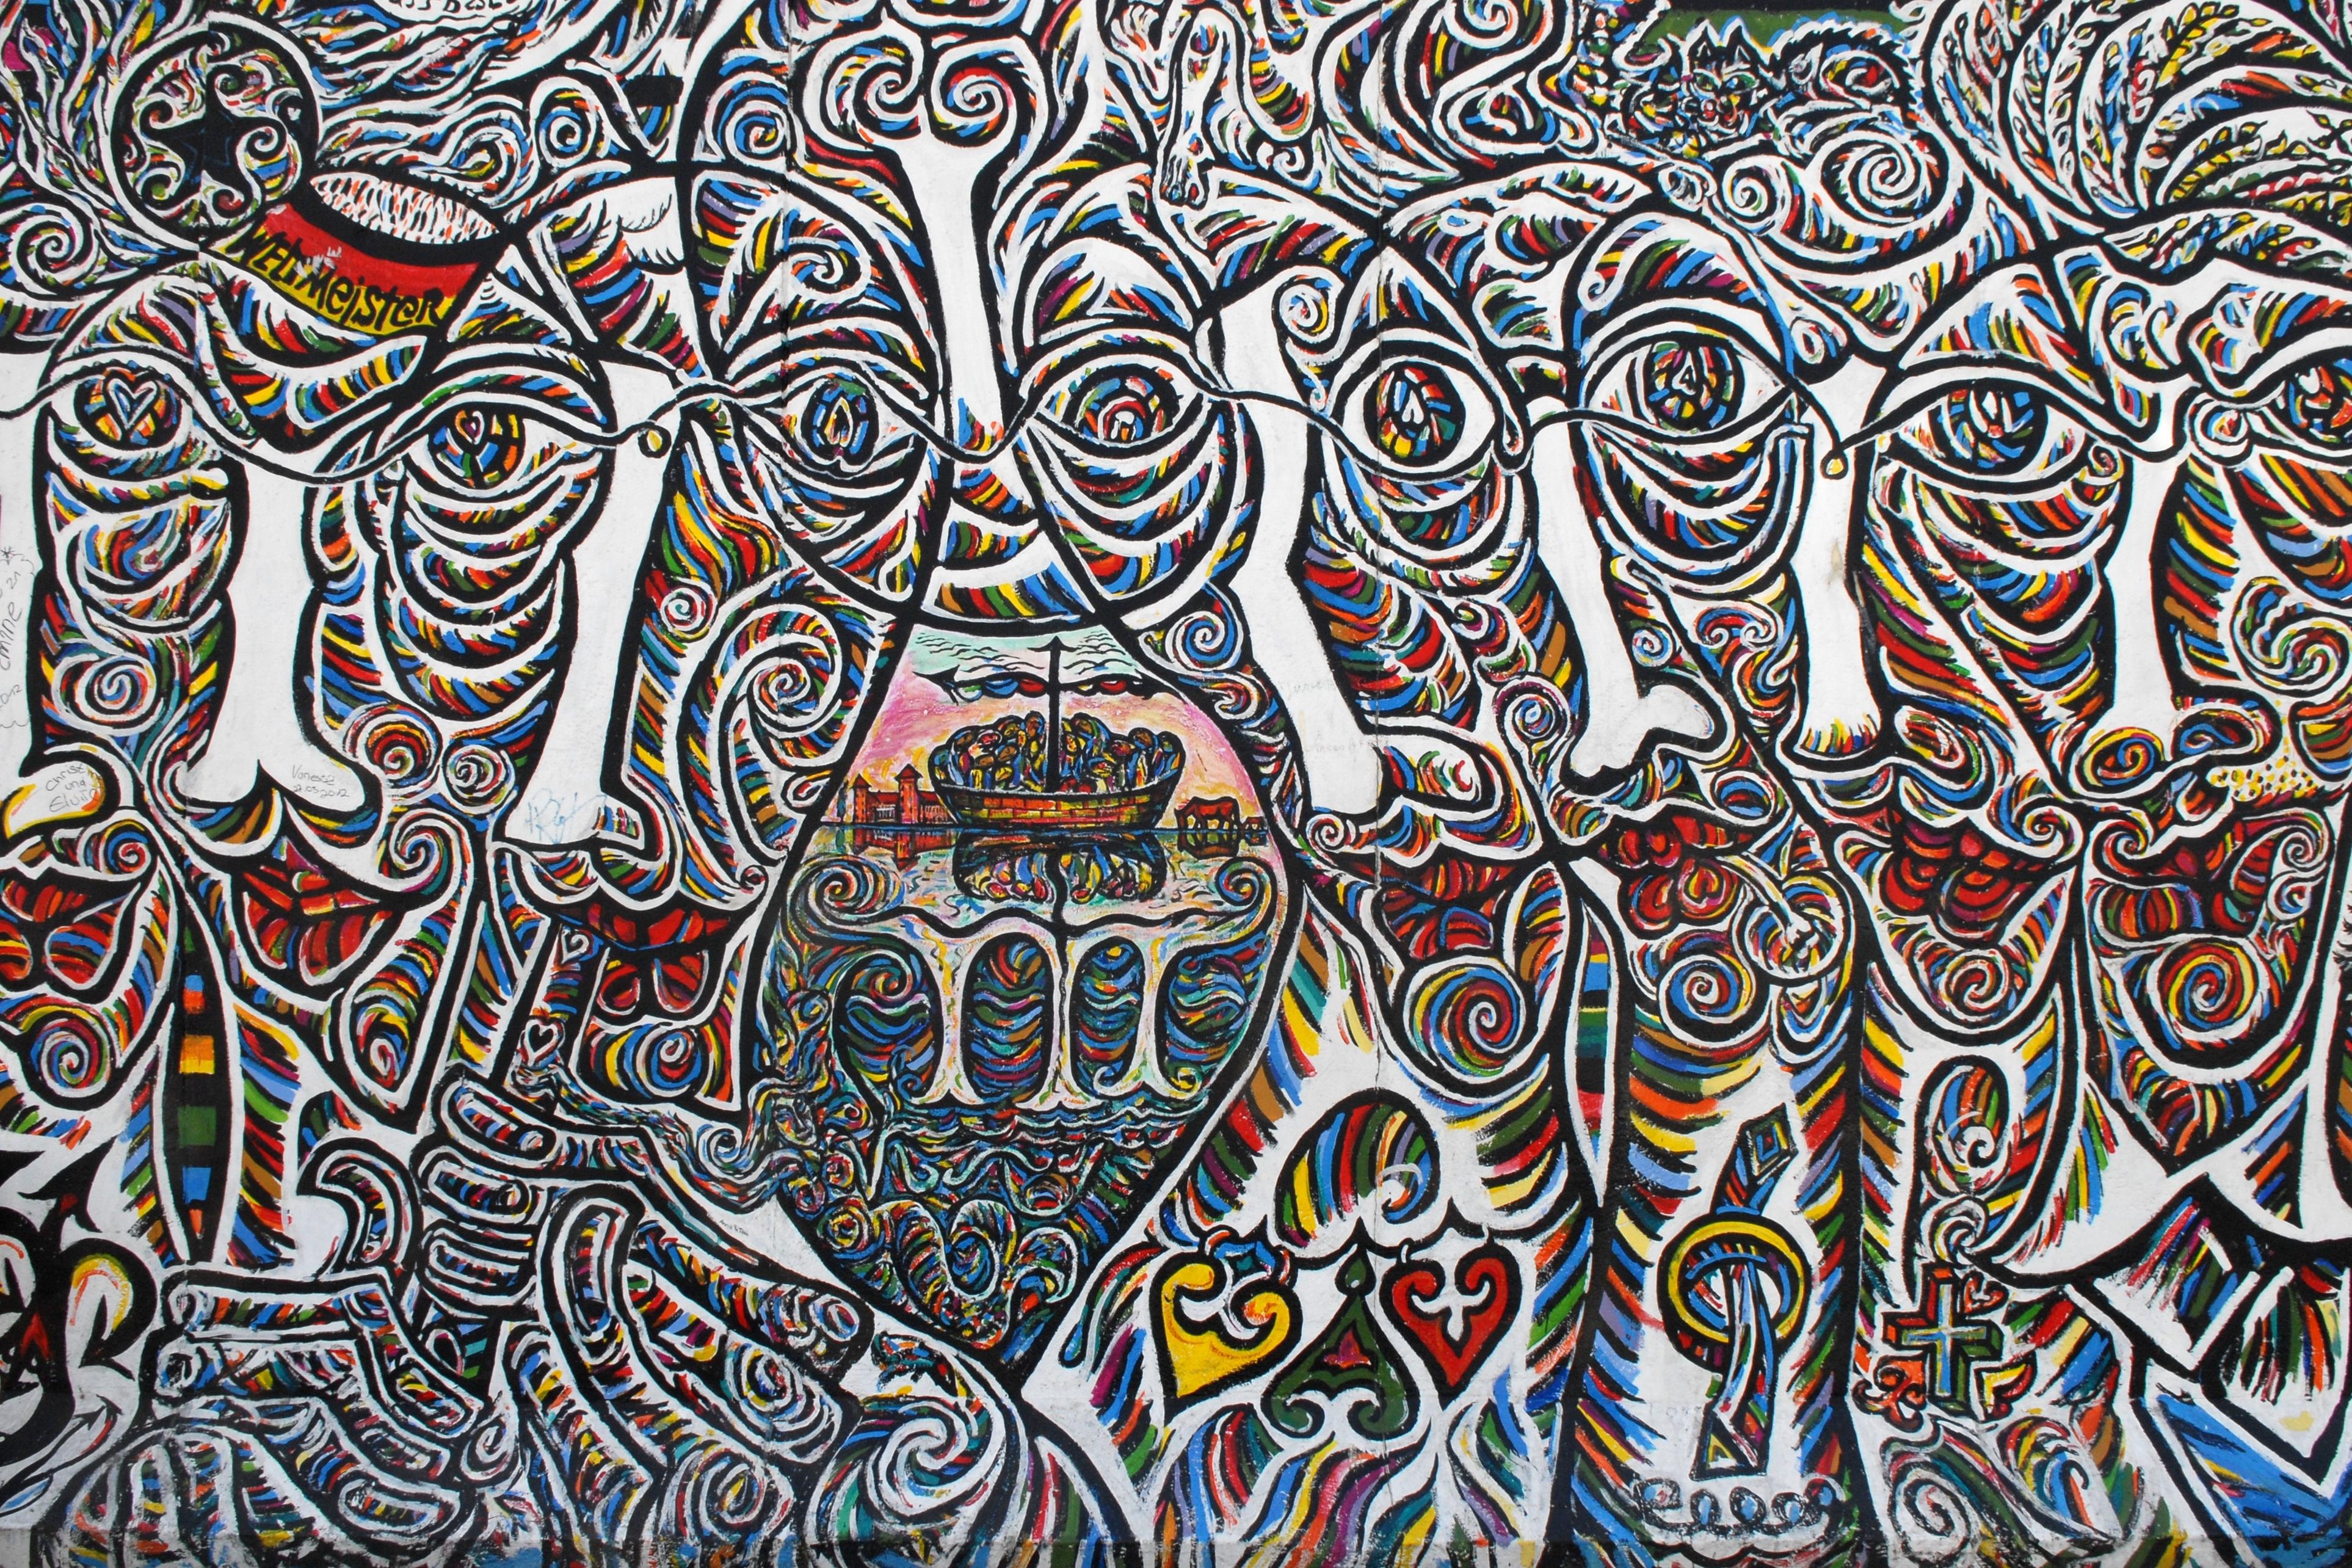 Fotoğraf Desen Duvar Yazısı Boyama çizim Illüstrasyon Tasarım